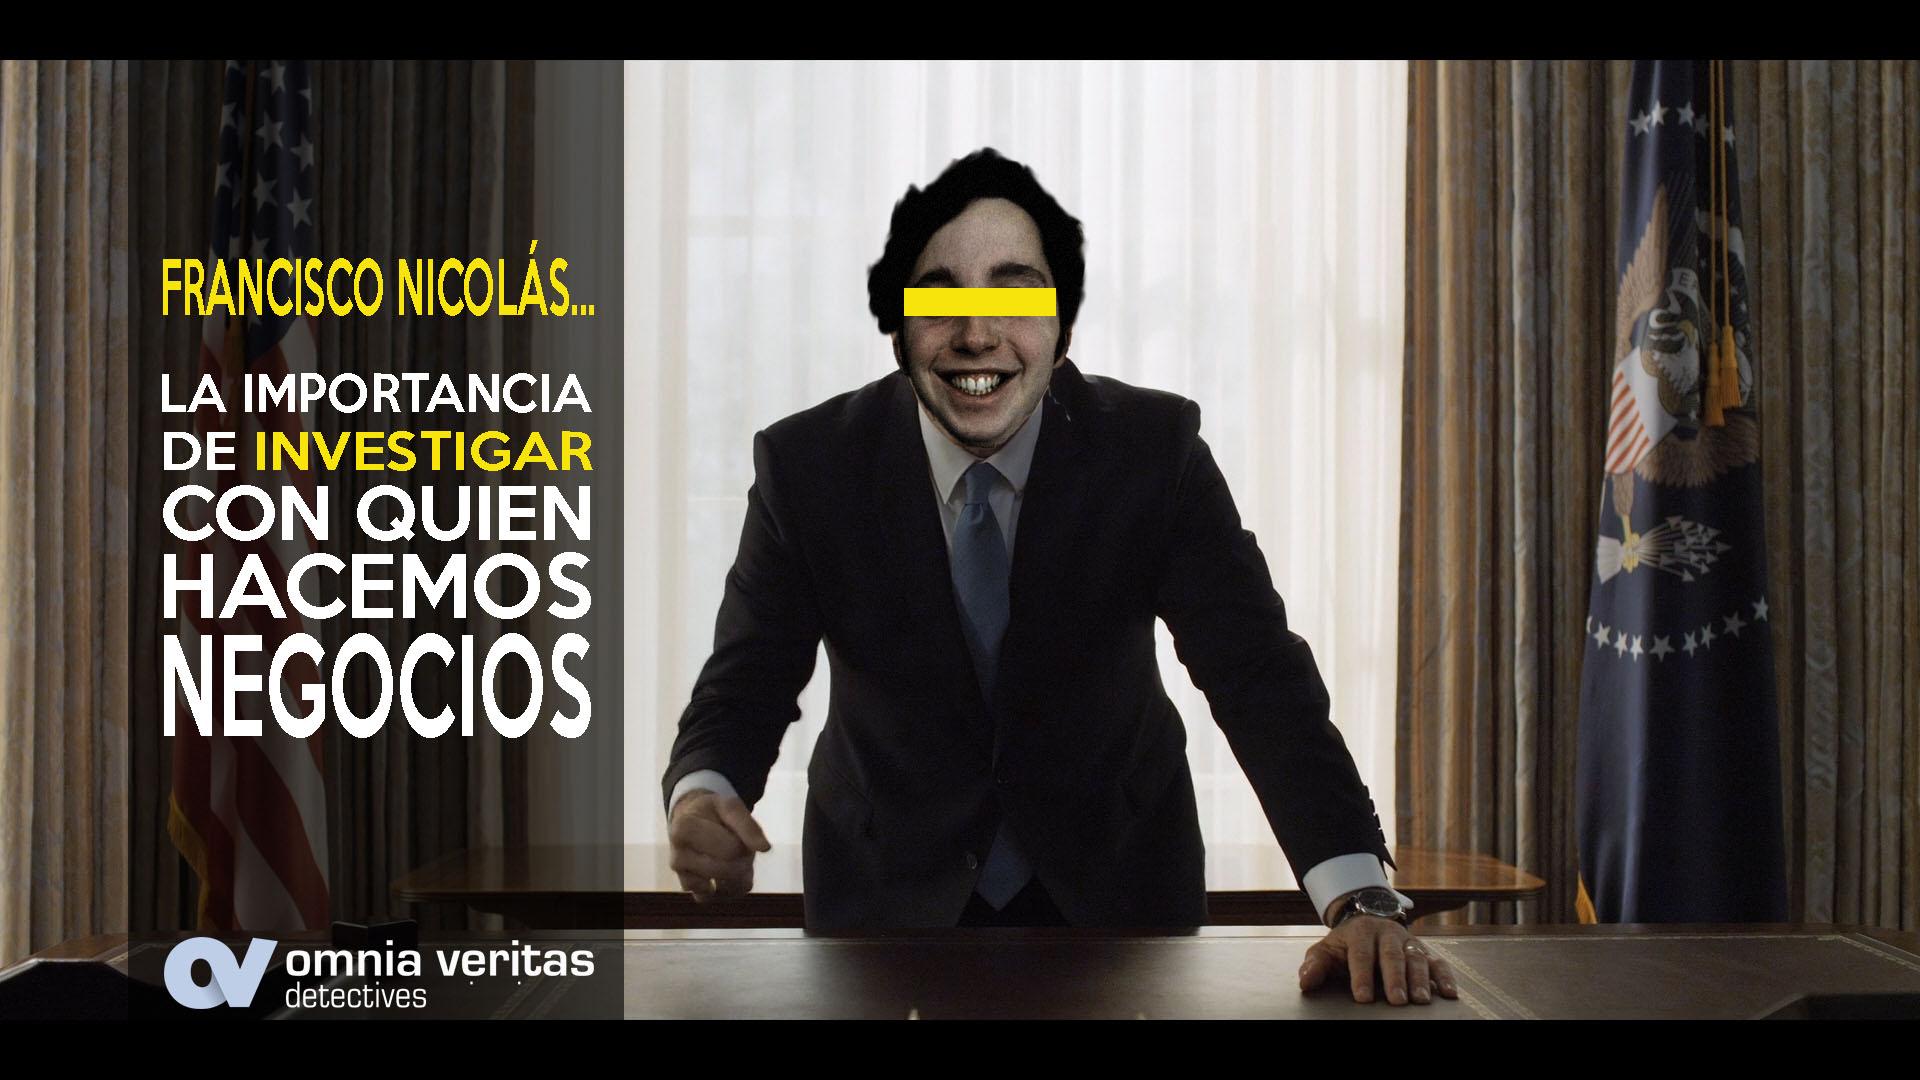 Francisco Nicolas y la investigación de estafas